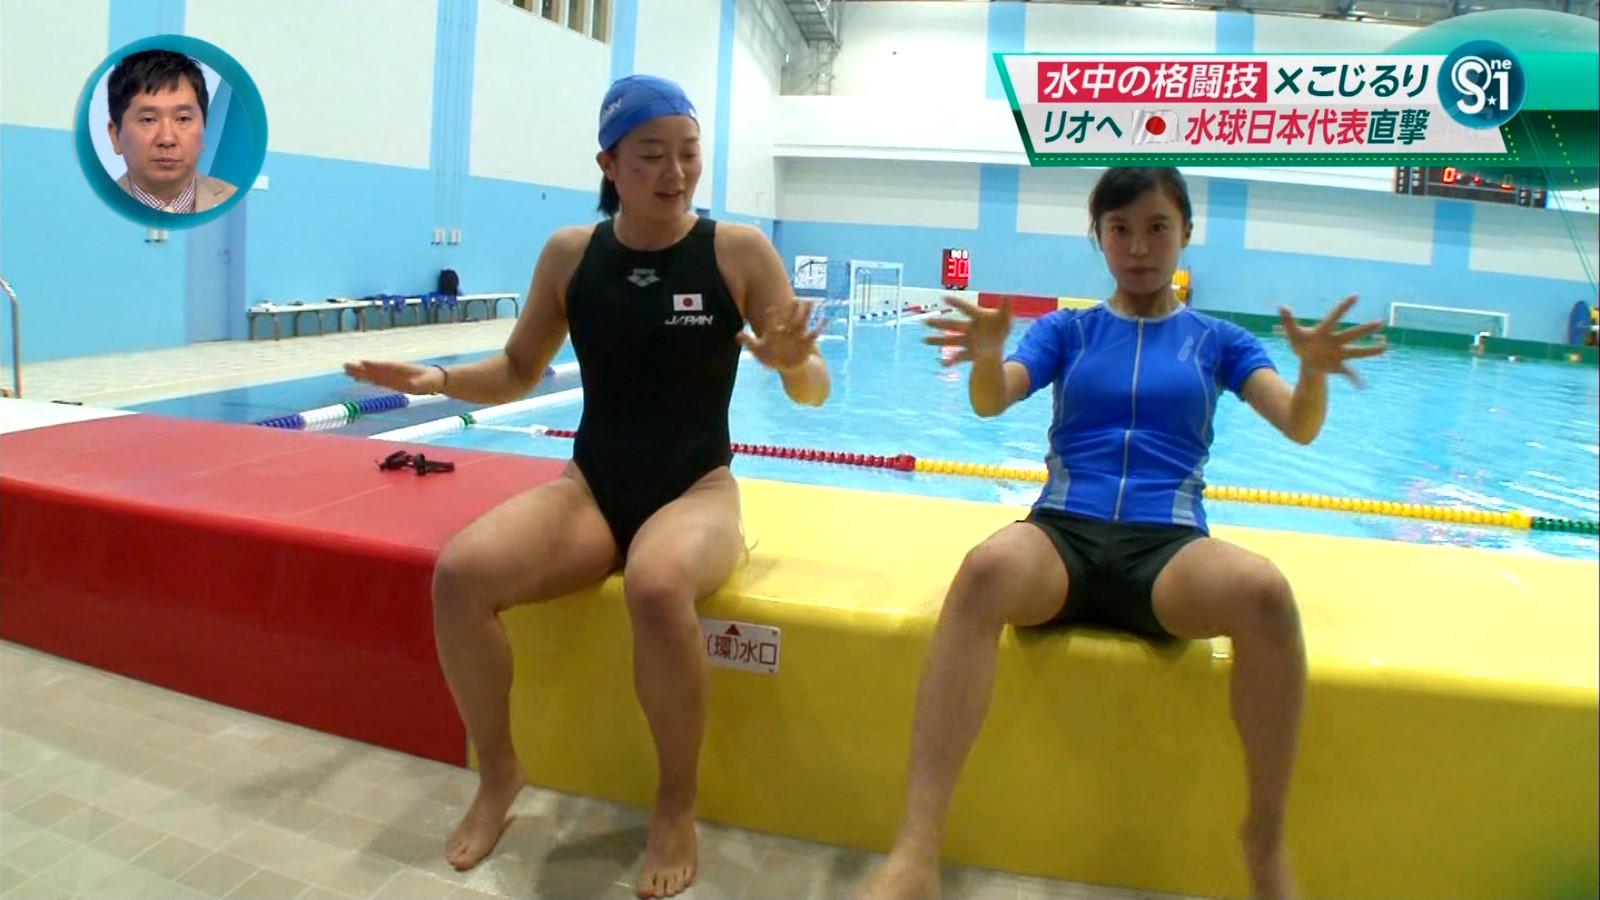 【画像】小島瑠璃子が「ガッカリ水着」で股を広げたらモリマン登場www